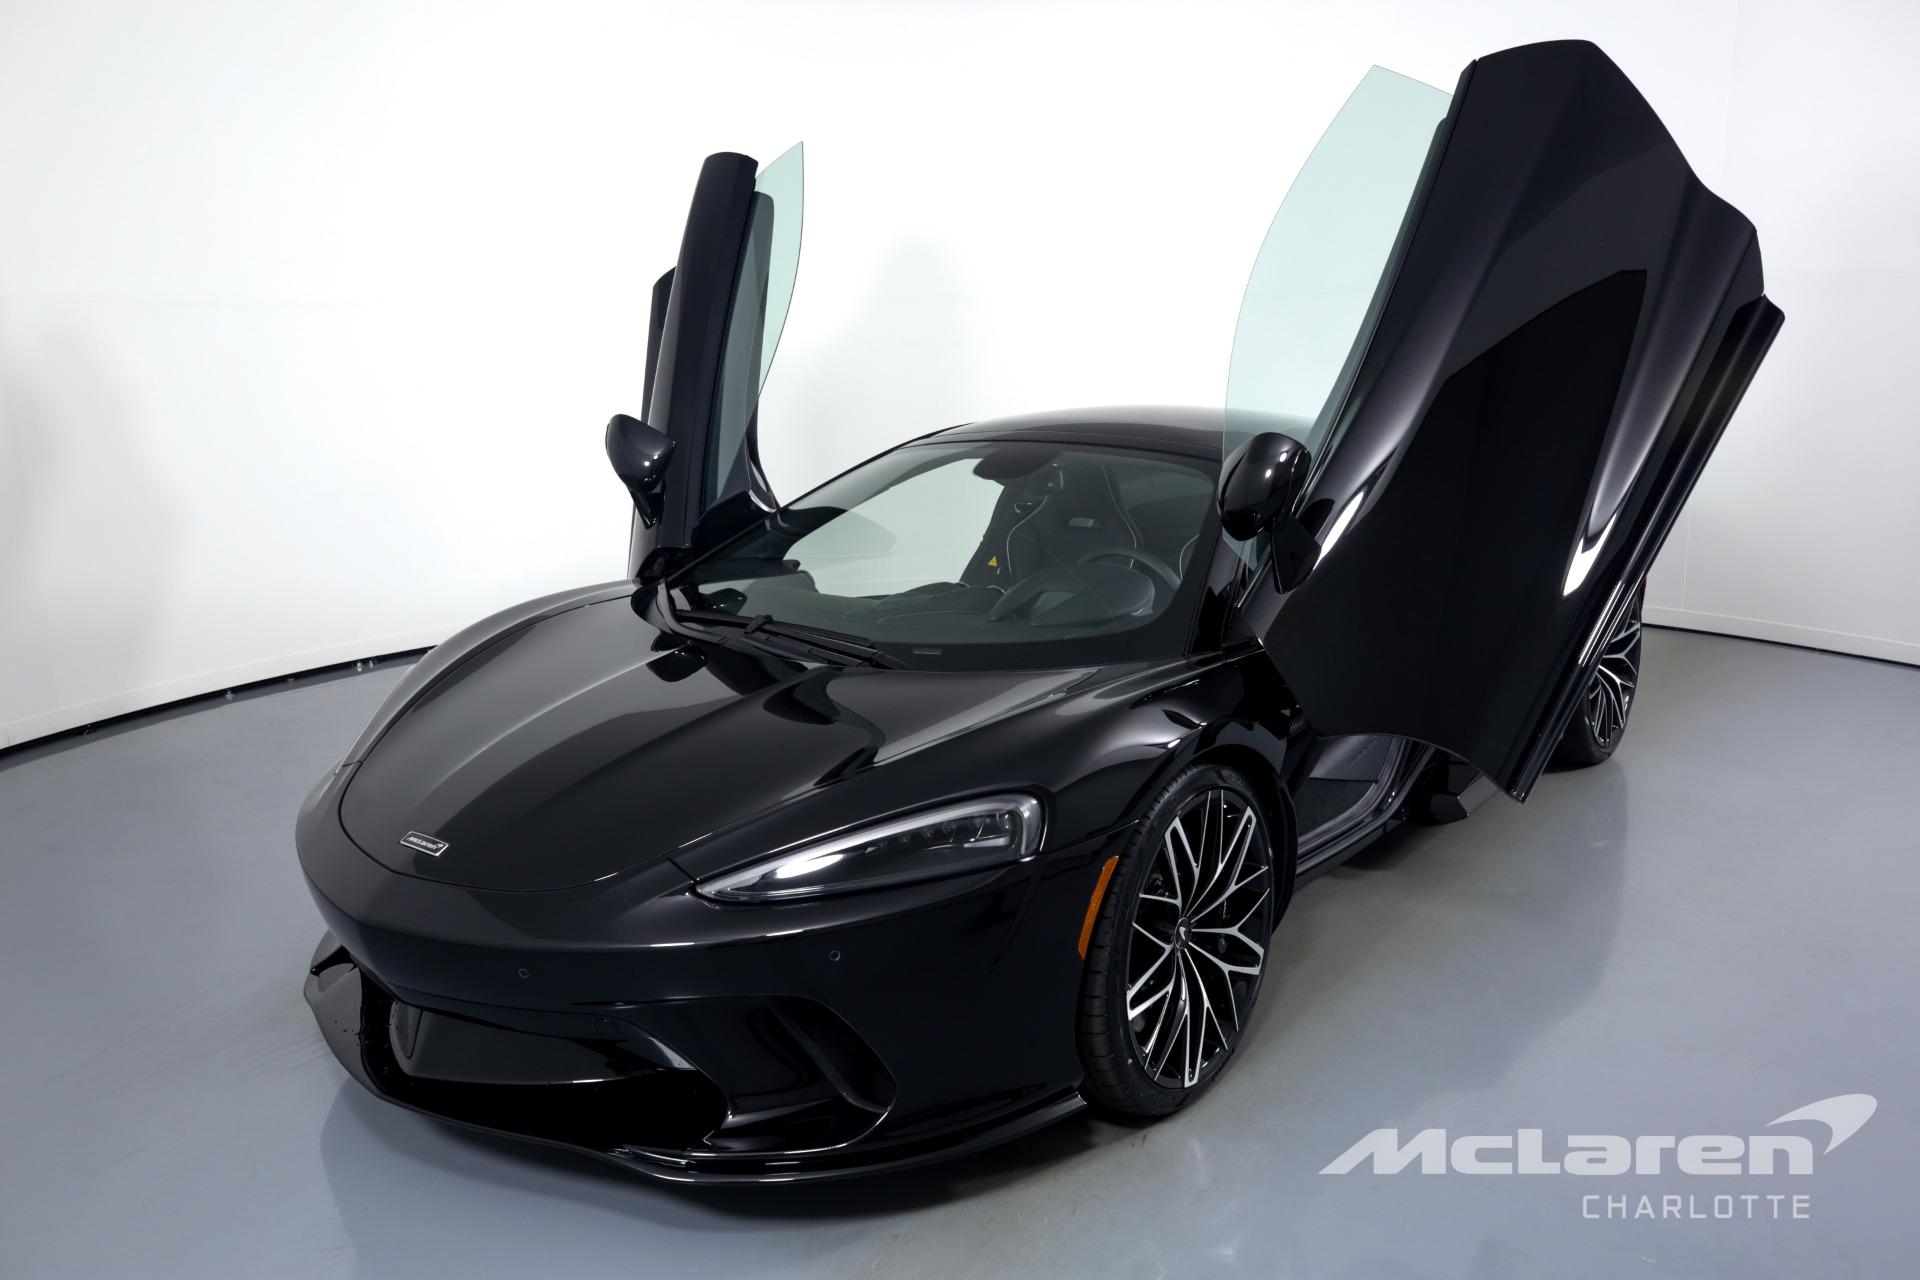 New 2021 MCLAREN GT    Charlotte, NC